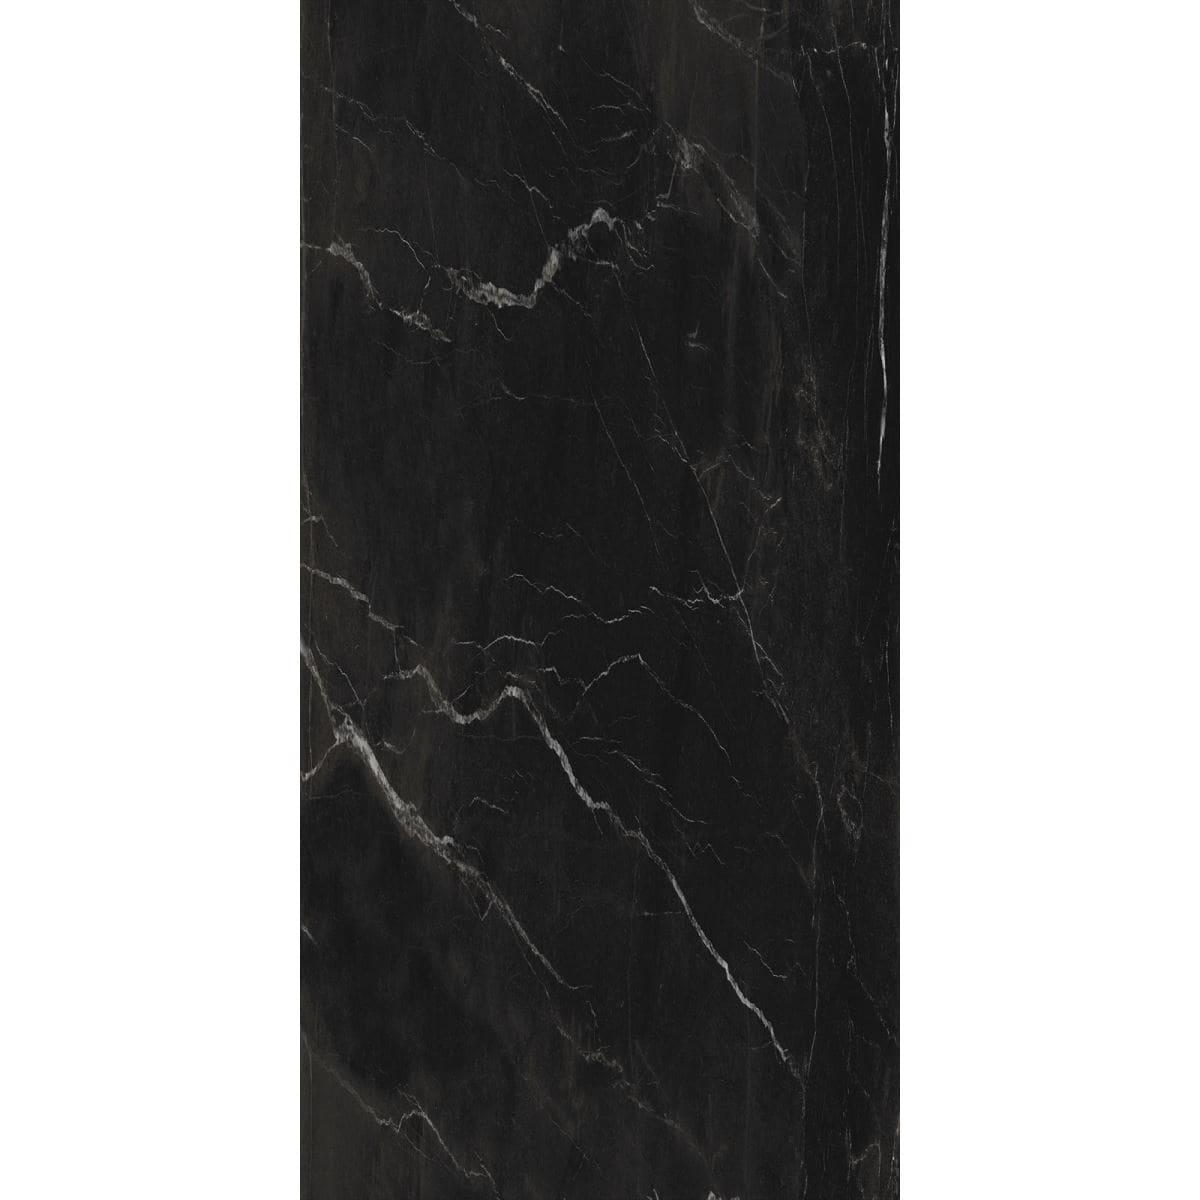 MARBLE / BLACK& WHITE STAR XL TILE